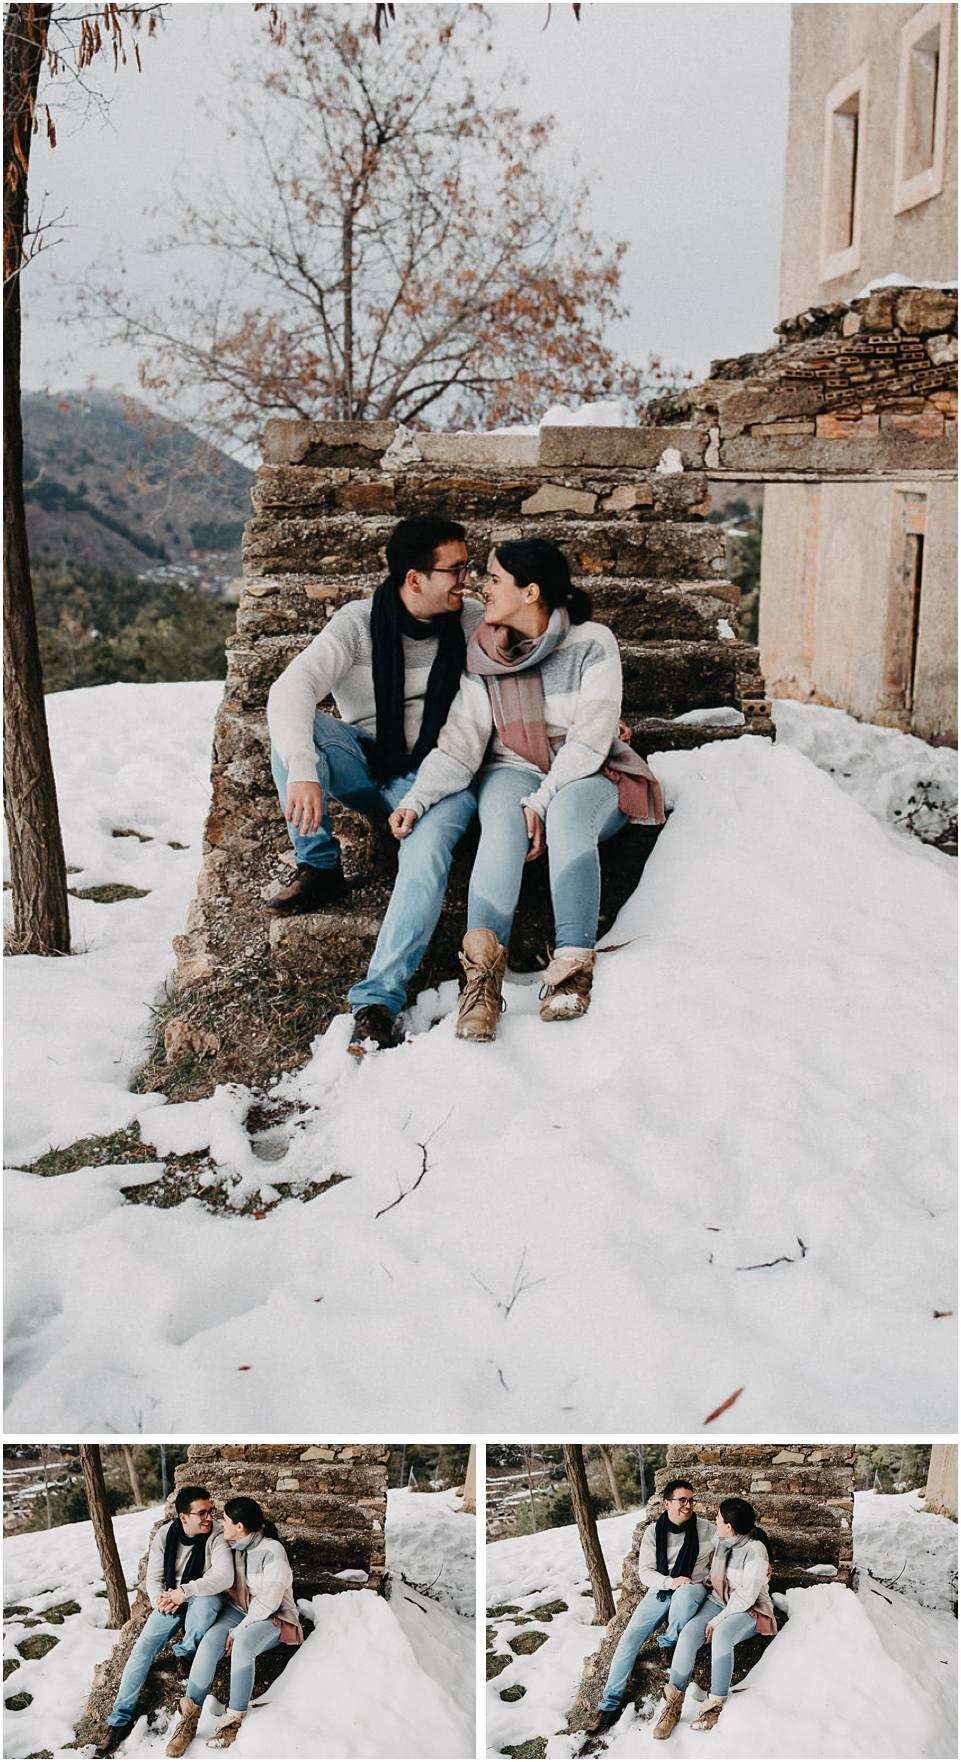 una pareja en las montañas nevadas